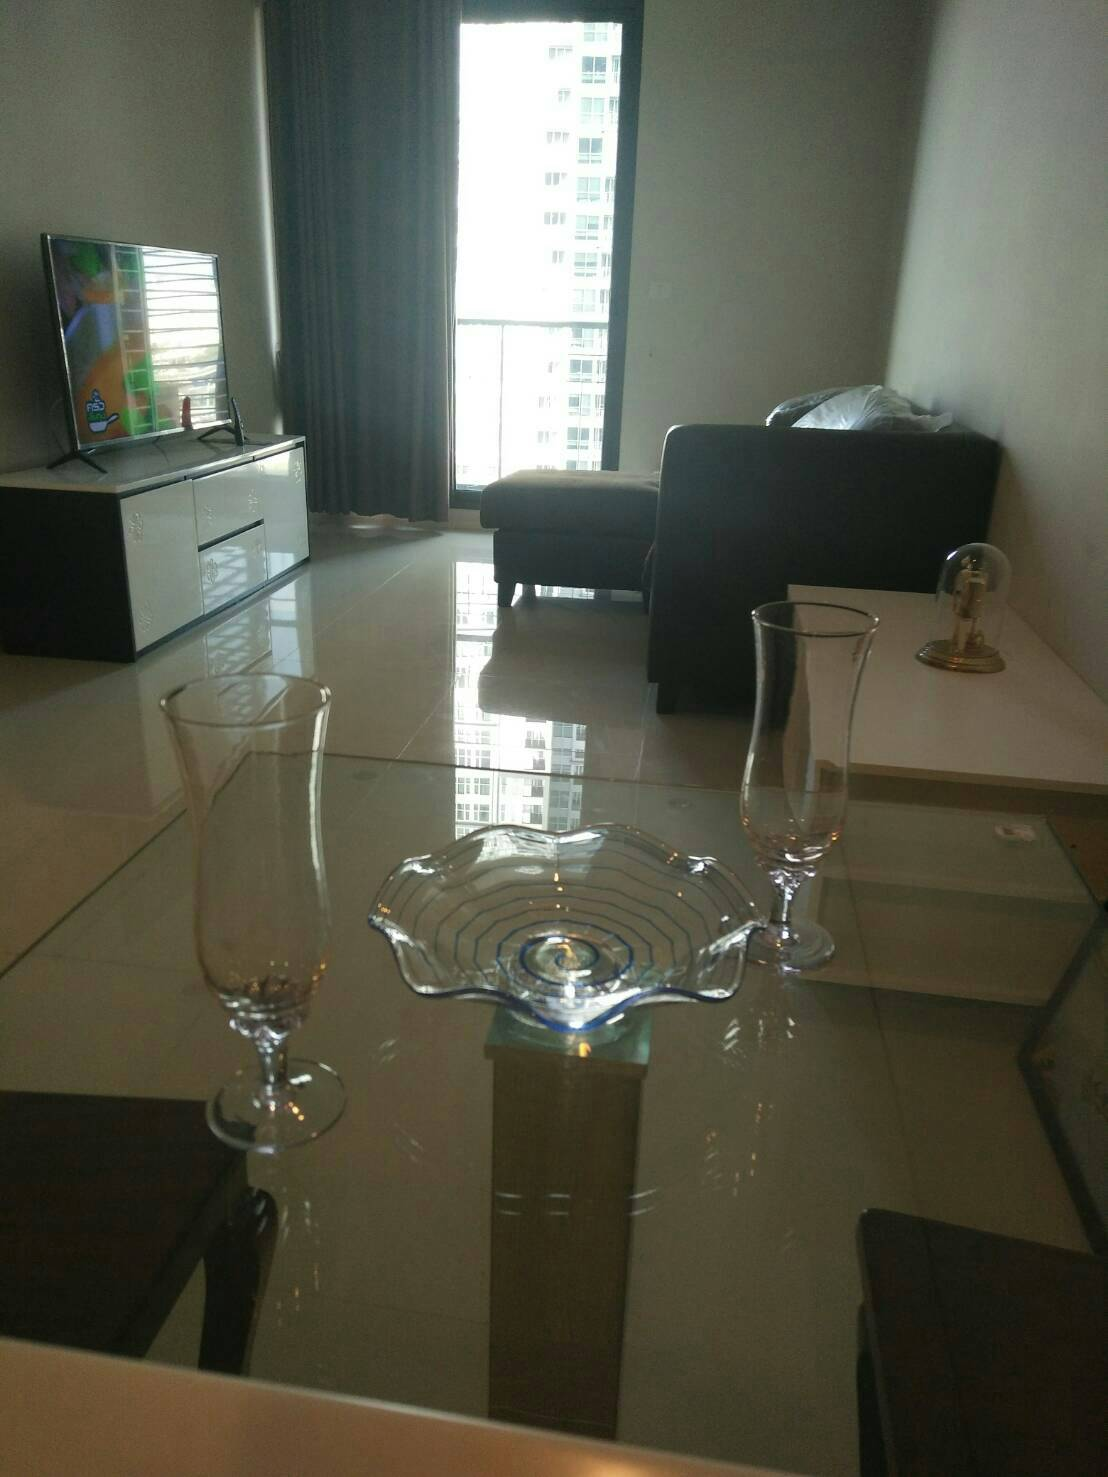 ขาย / เช่า คอนโดราคาถูก ๆ คอนโด Villa Asoke (วิลล่า อโศก) 1 ห้องนอน 1 ห้องน้ำ ขนาด 48 ตร.ม